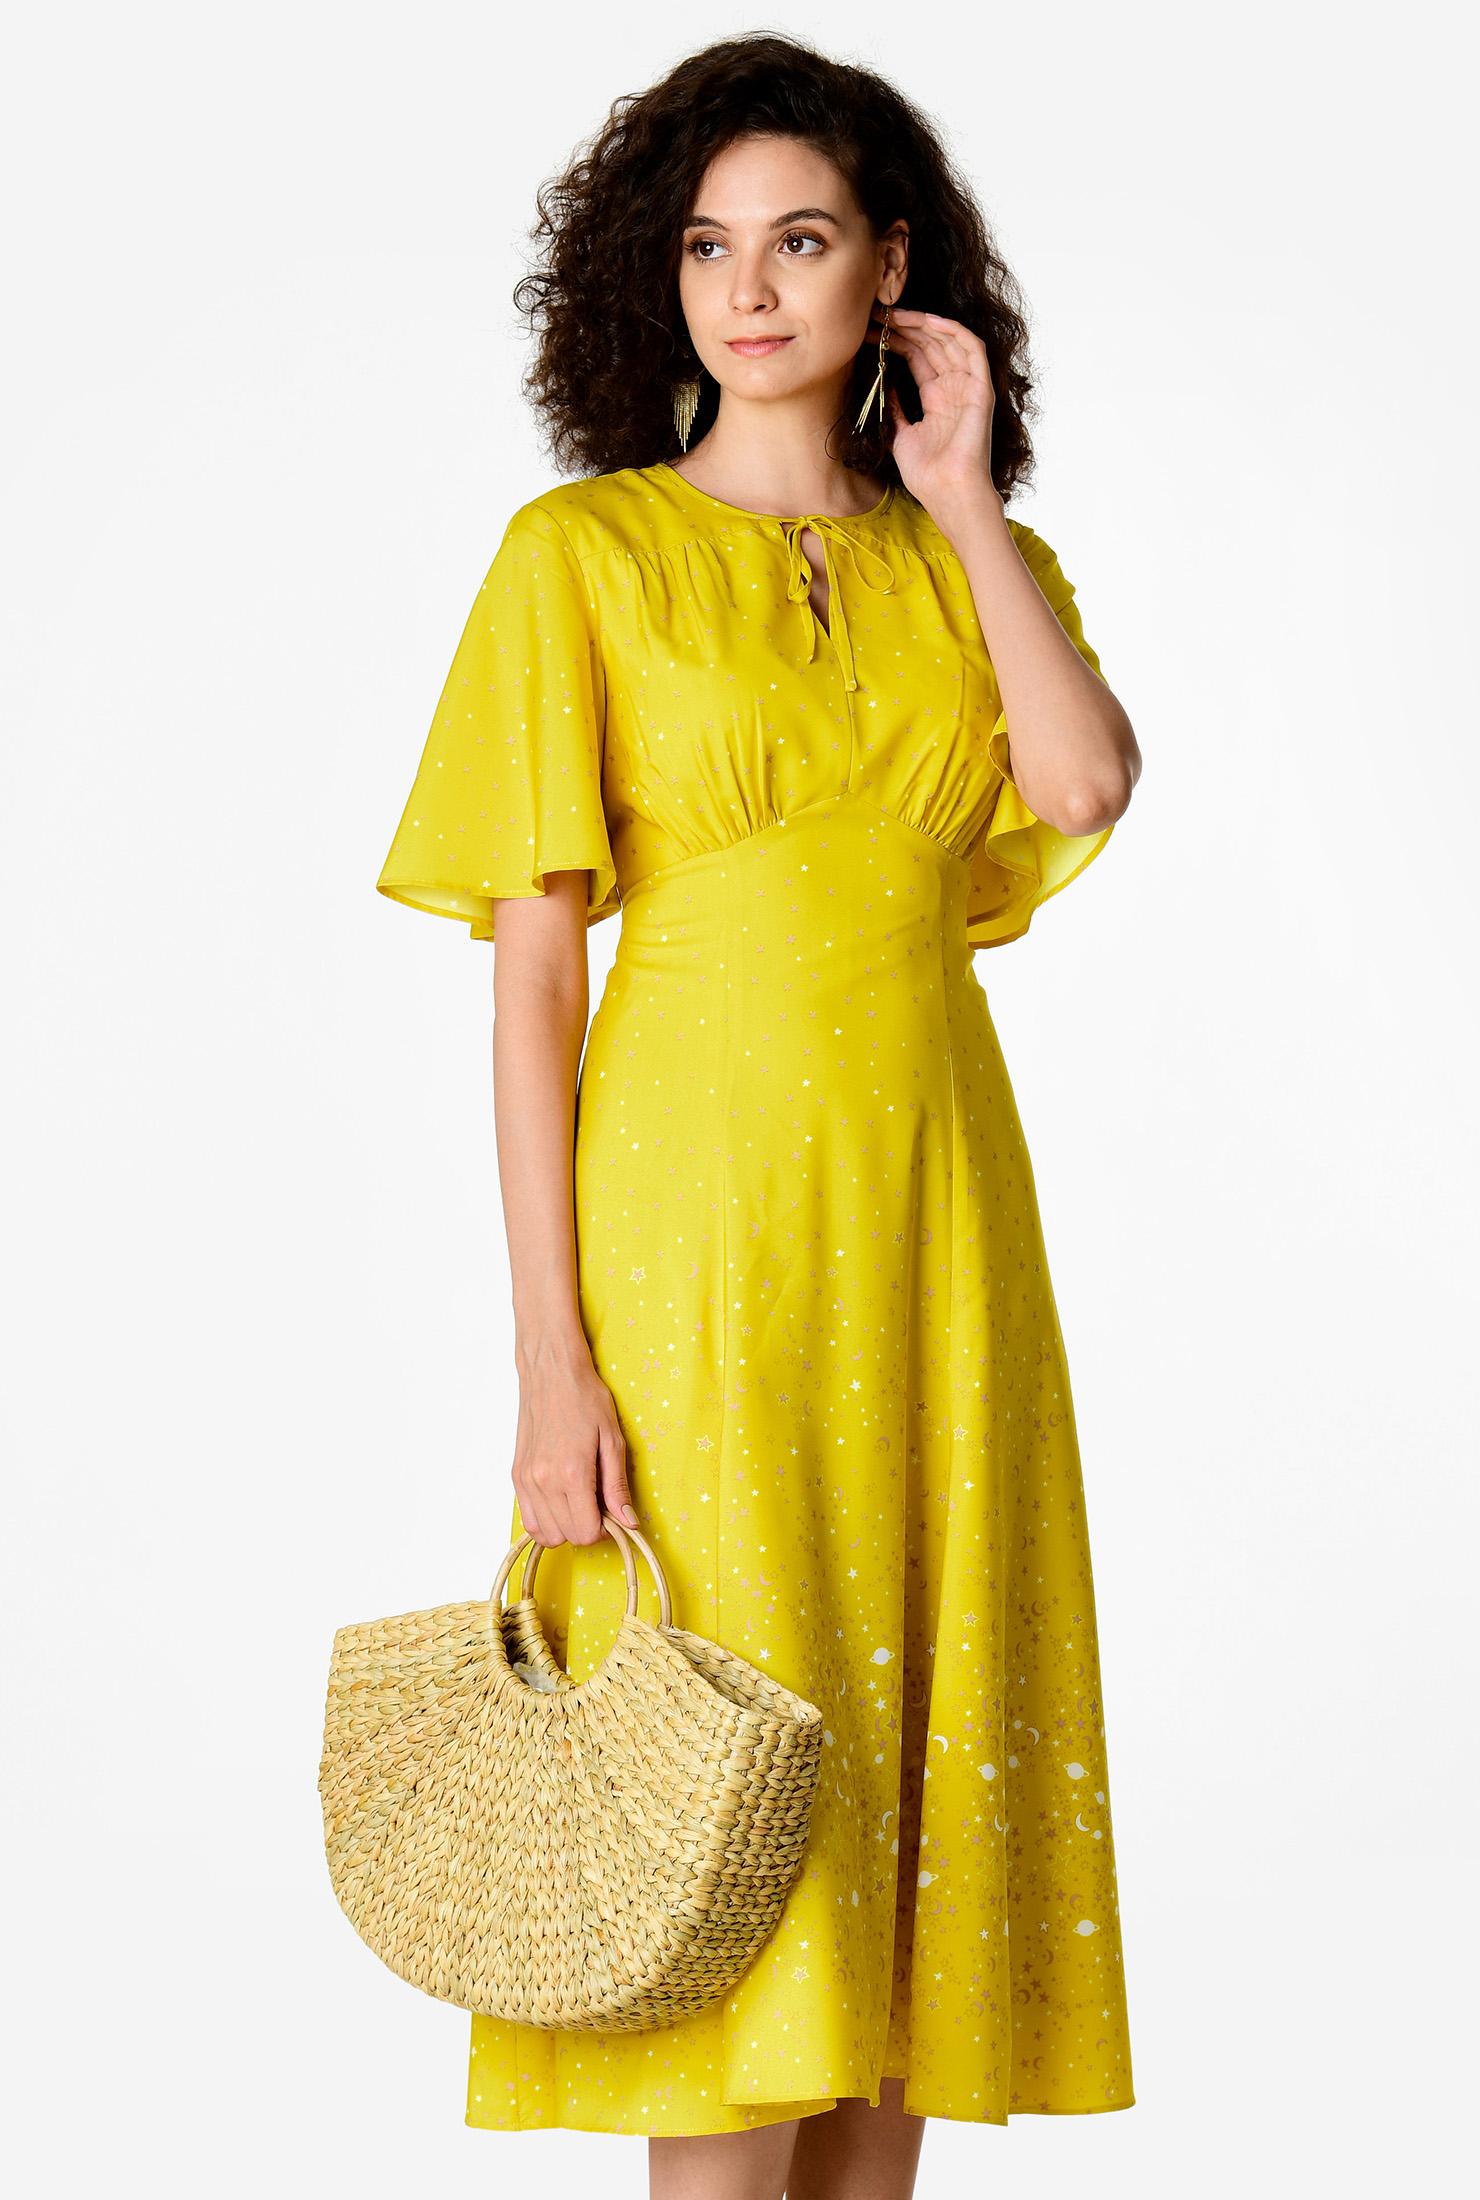 1930s Day Dresses, Afternoon Dresses History Flutter sleeve star print crepe empire dress $79.95 AT vintagedancer.com